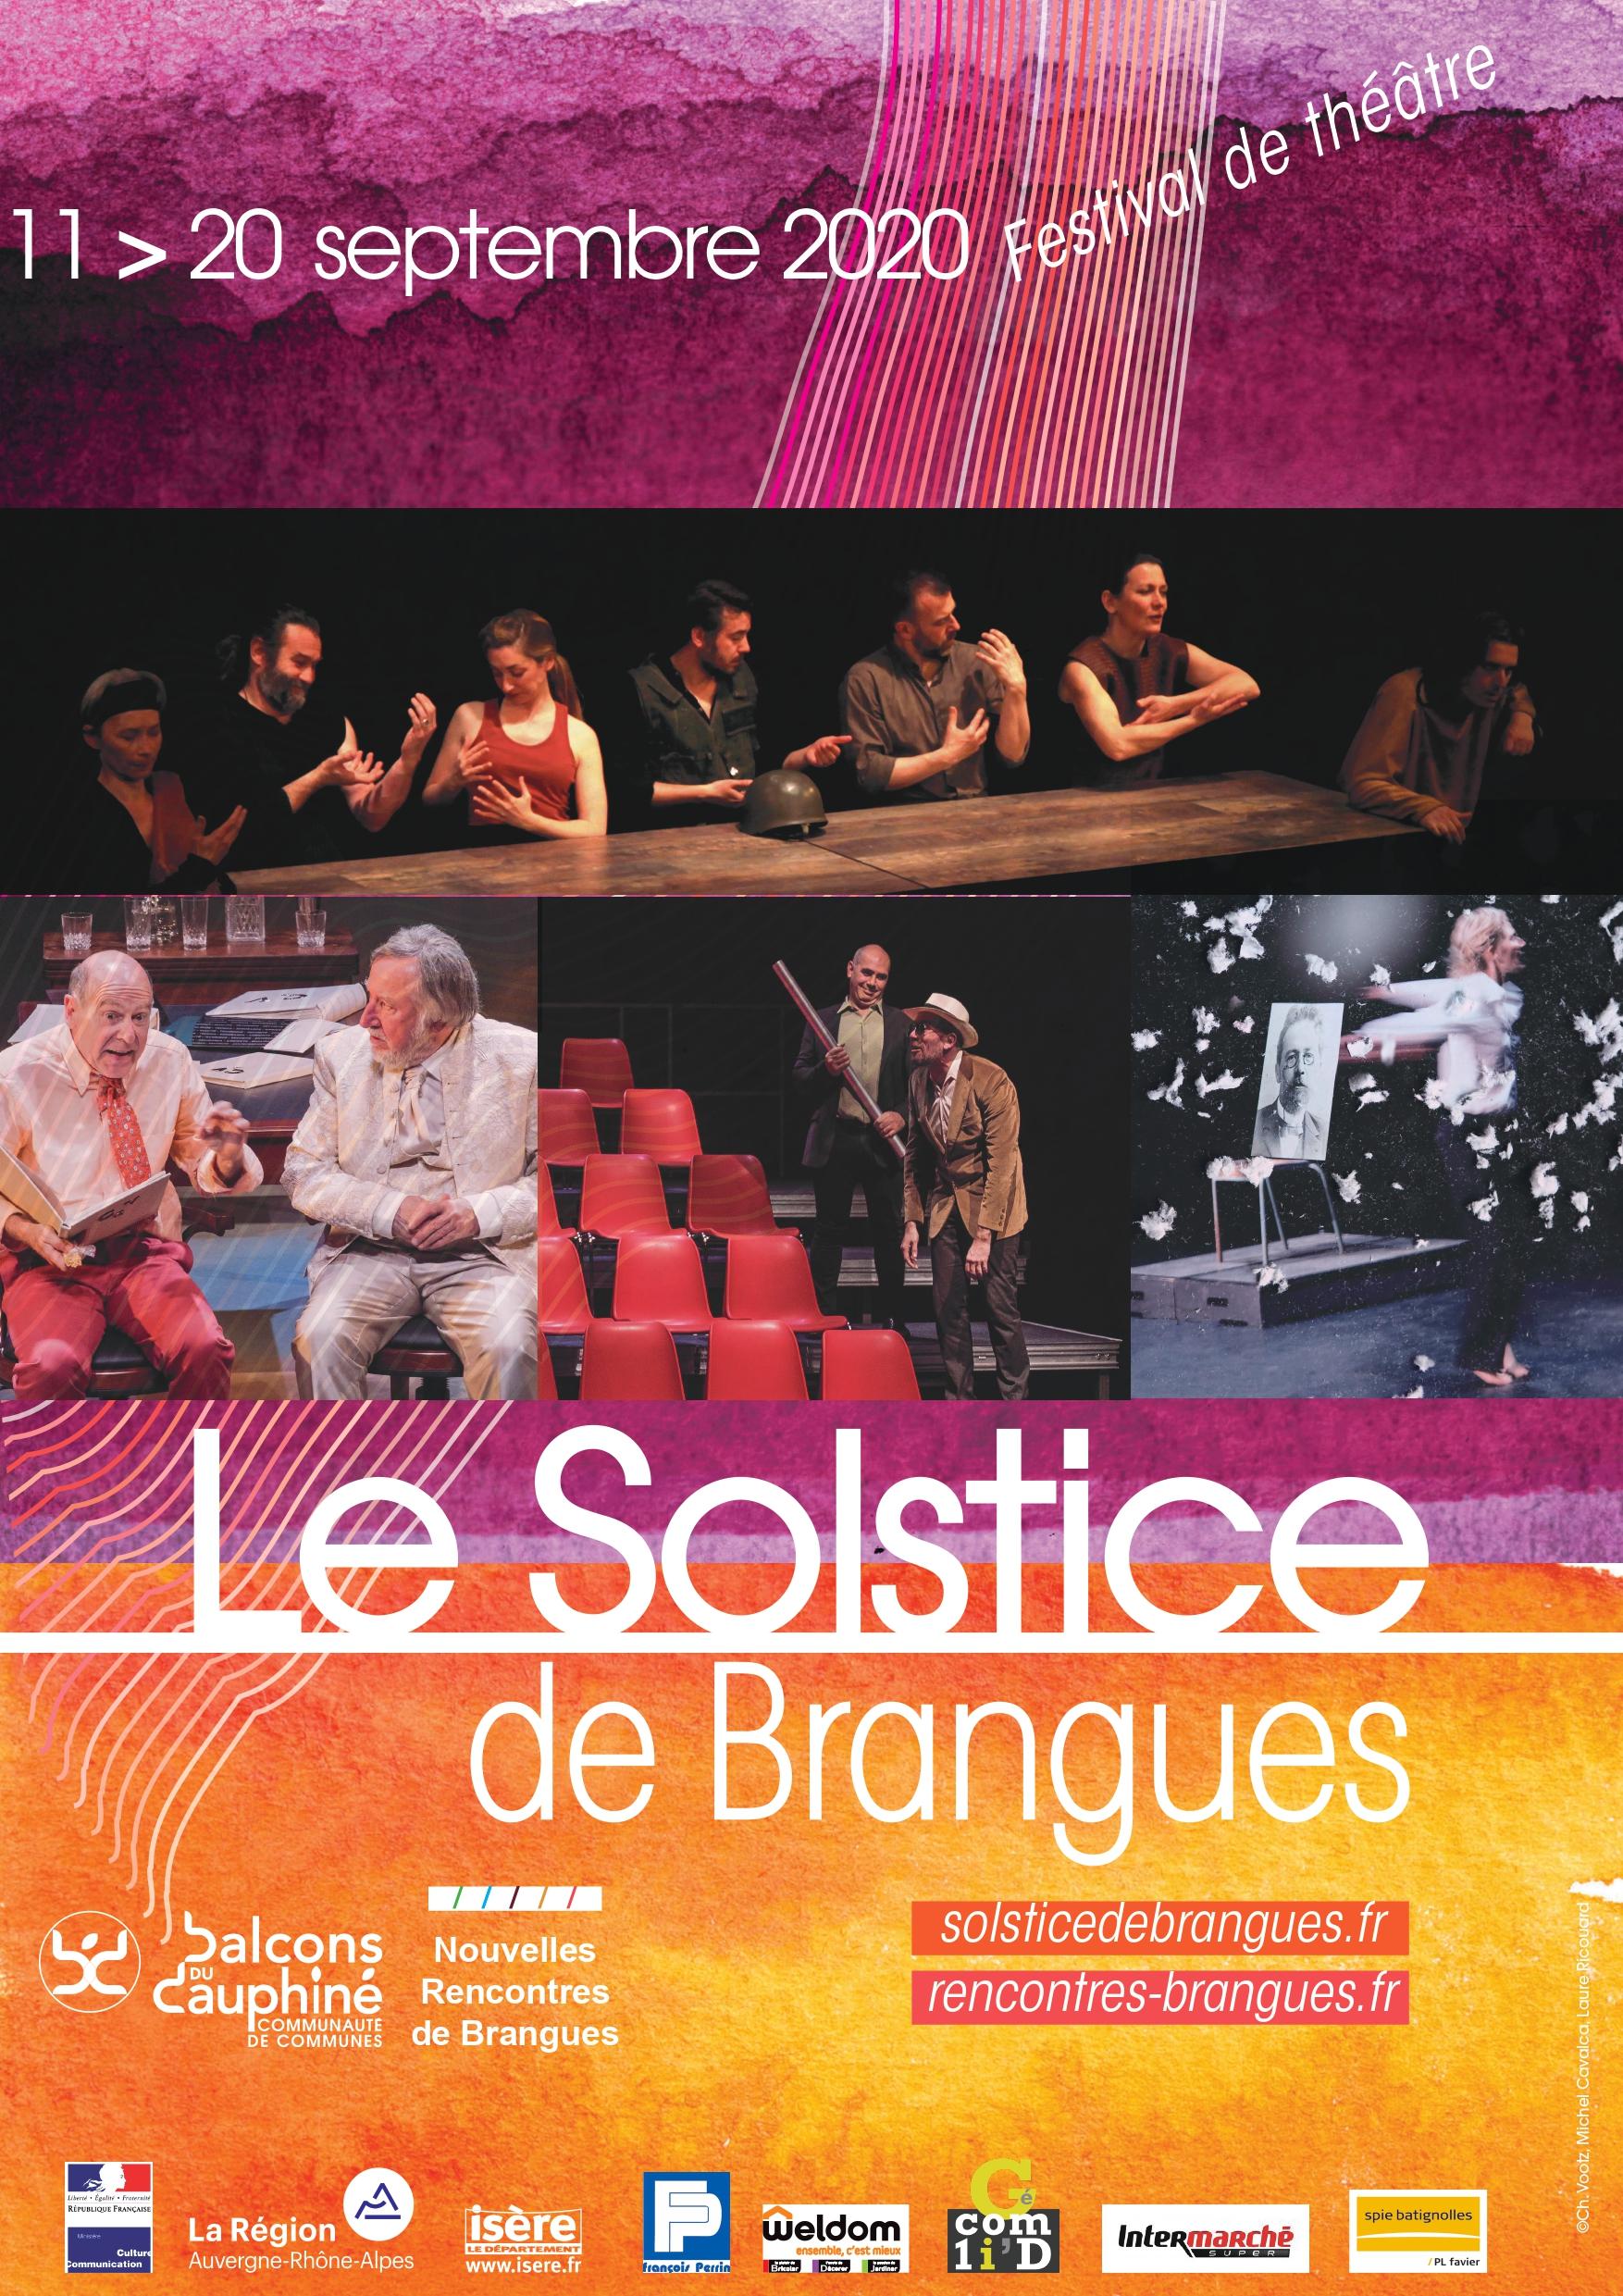 Solstice de Brangues